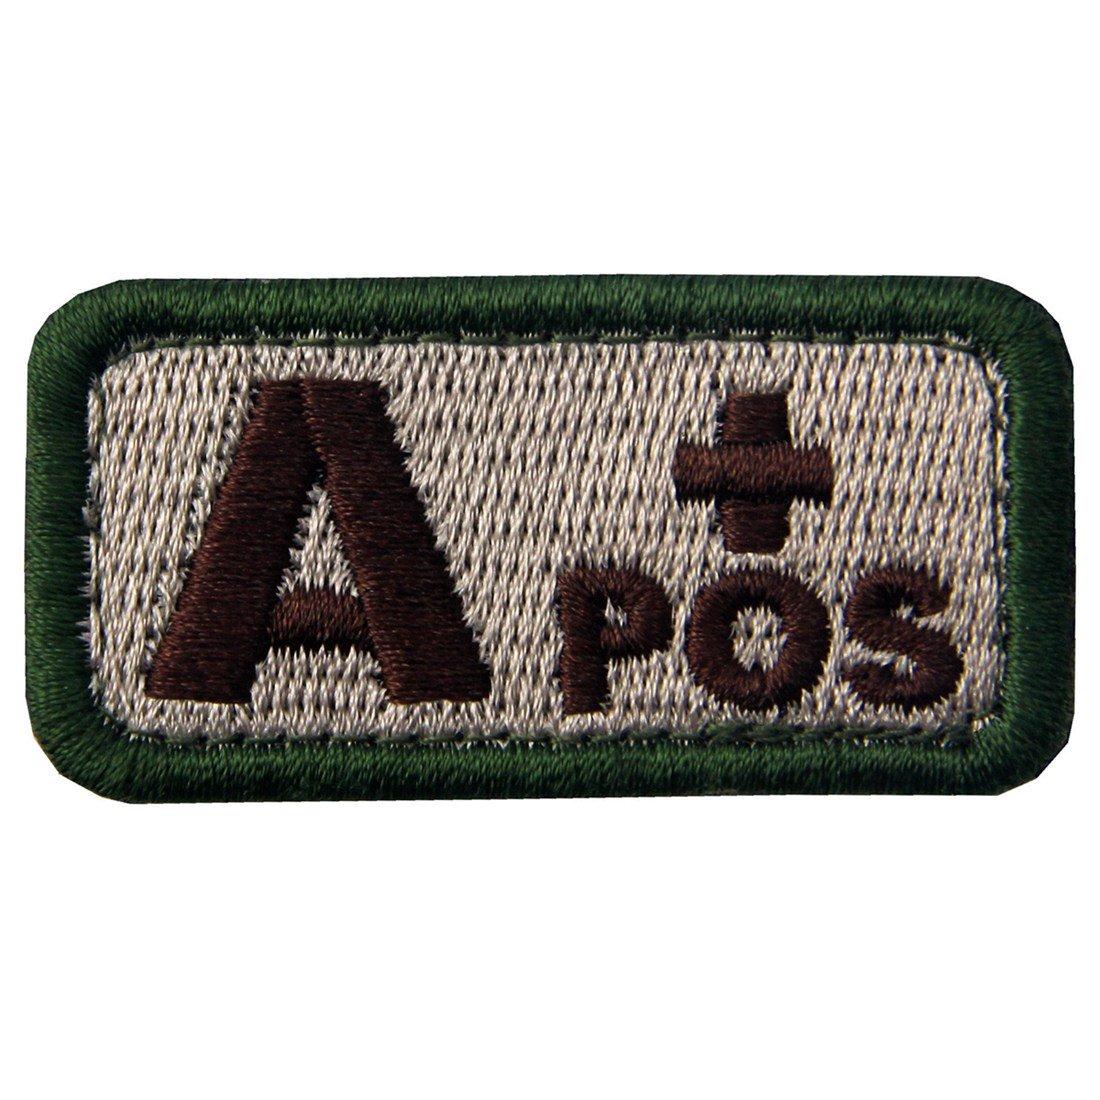 Táctico Tipo A positivo Tipo de sangre emblema Broche Bordado de Gancho y Parche de Gancho y bucle de cierre, Multitan: Amazon.es: Hogar